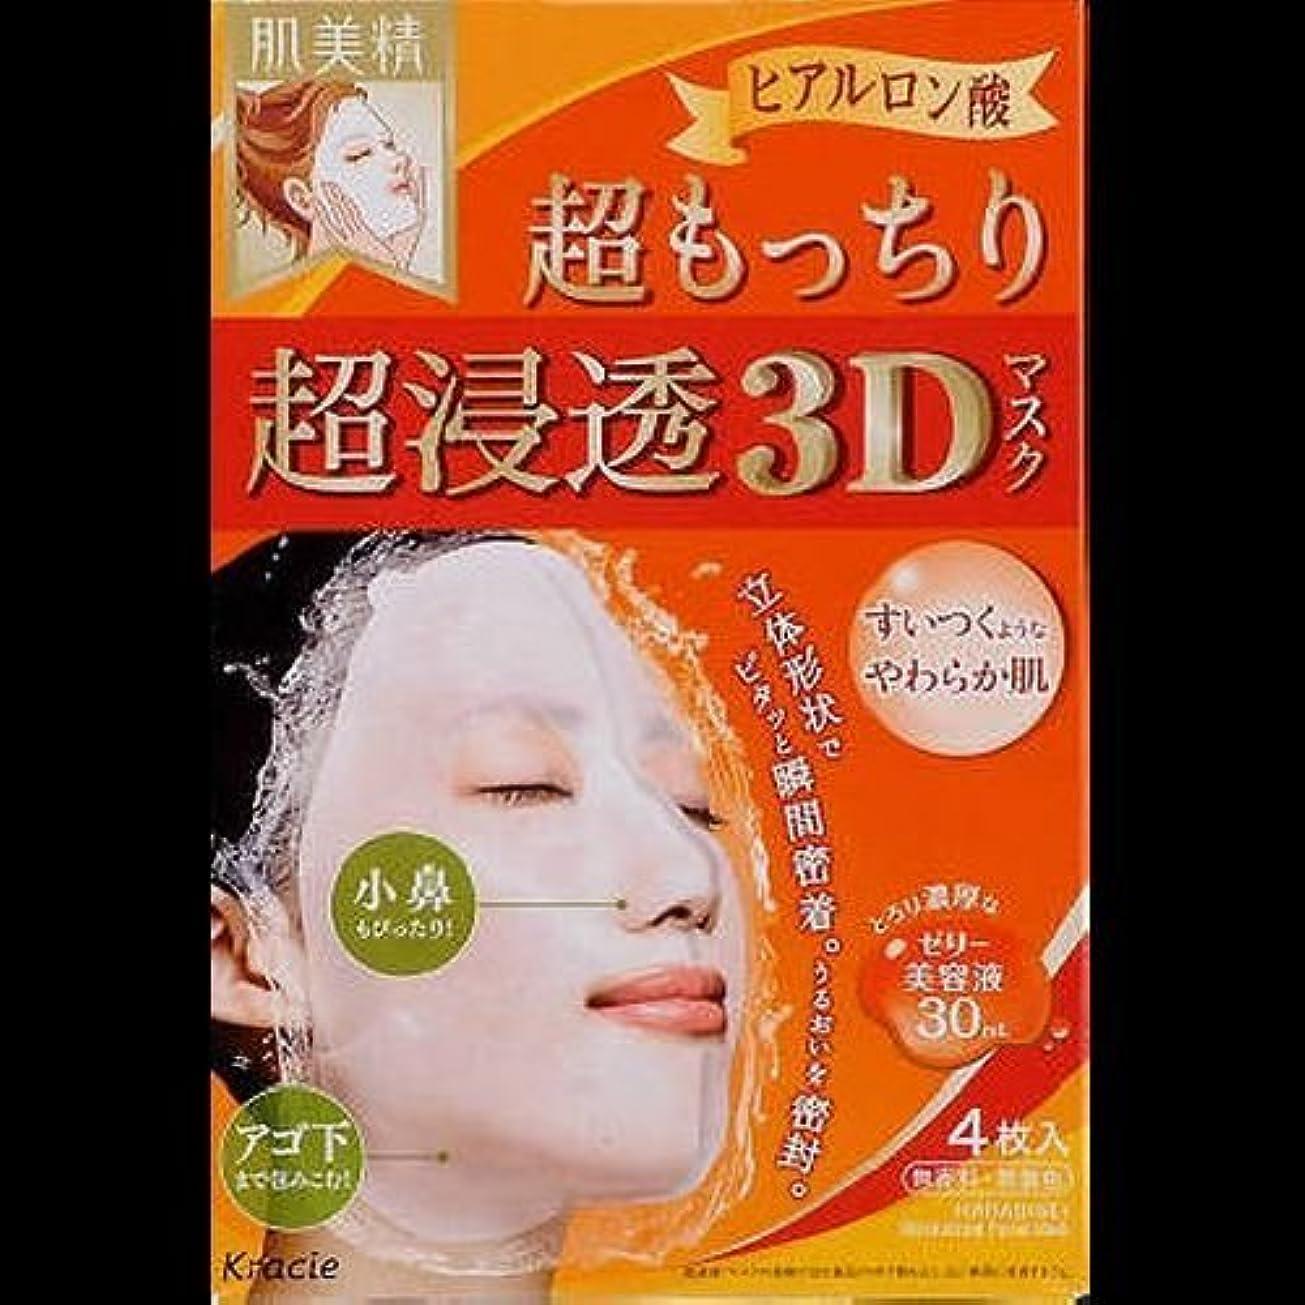 新鮮な荒廃する説教する【まとめ買い】肌美精 超浸透3Dマスク (超もっちり) 4枚 ×2セット